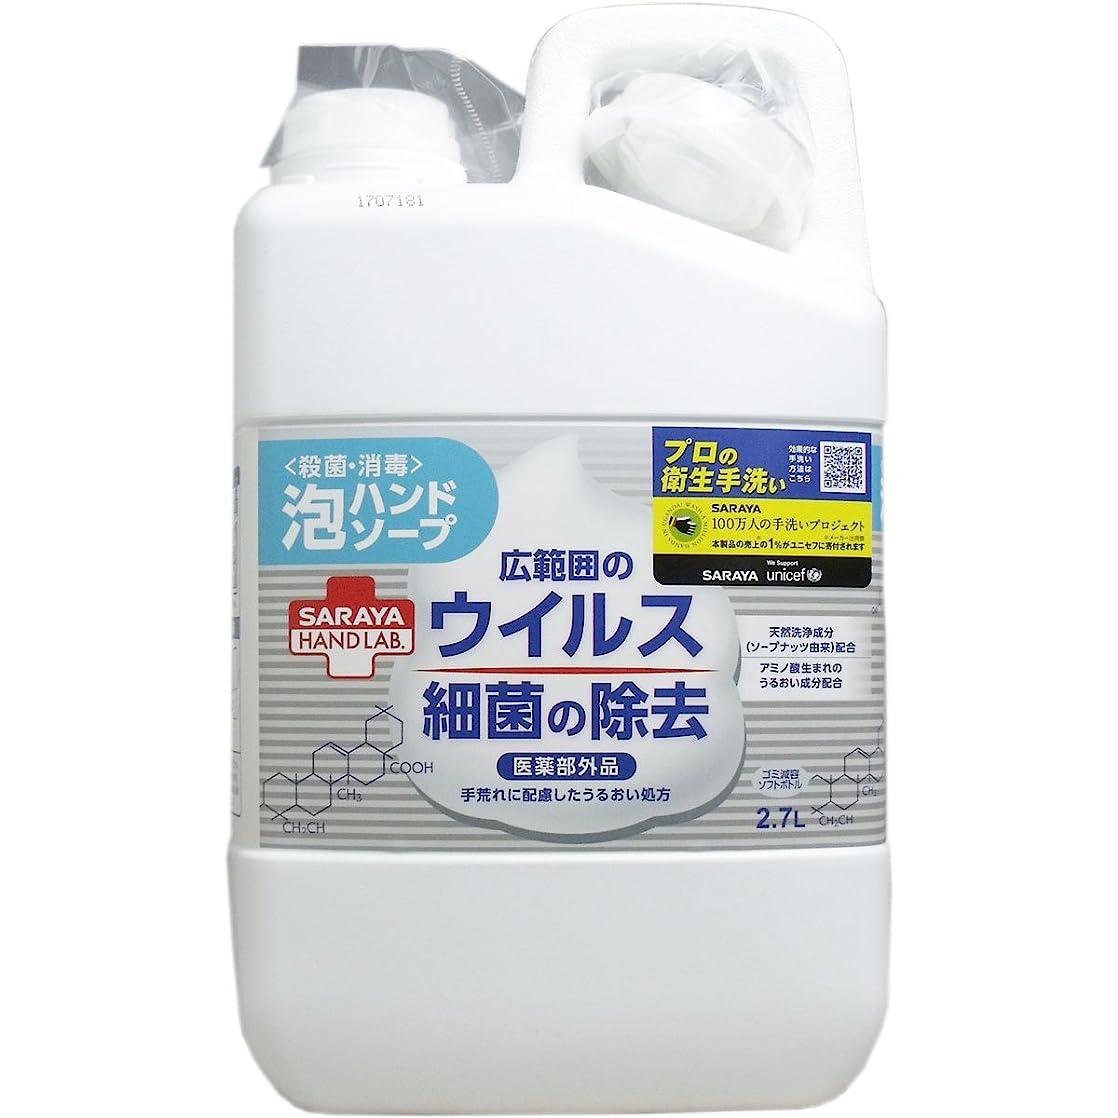 ブーム苦しむデッドハンドラボ 薬用泡ハンドソープ 詰替用 2.7L